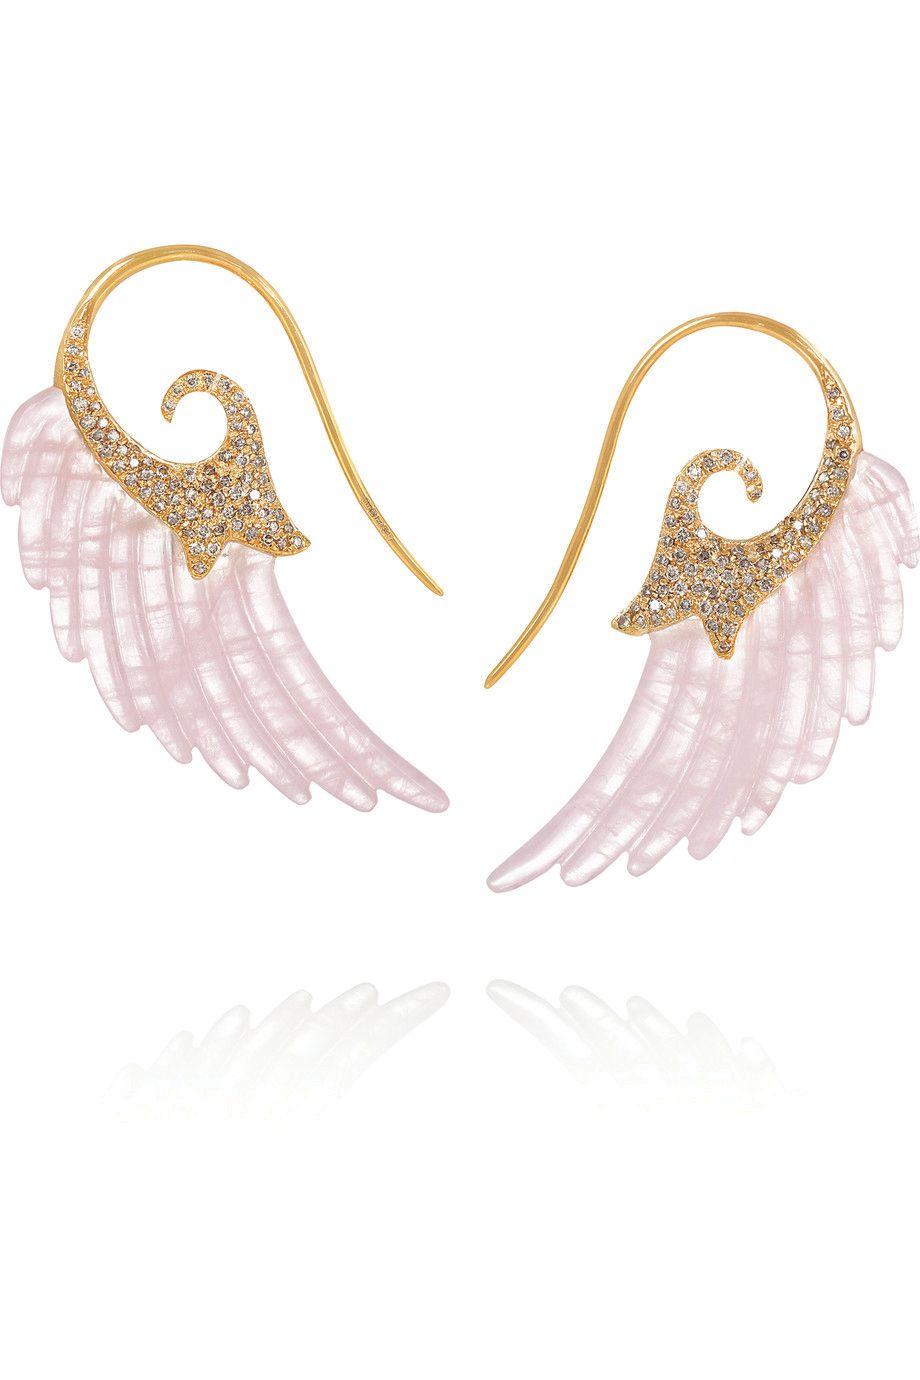 Ružičasti nakit